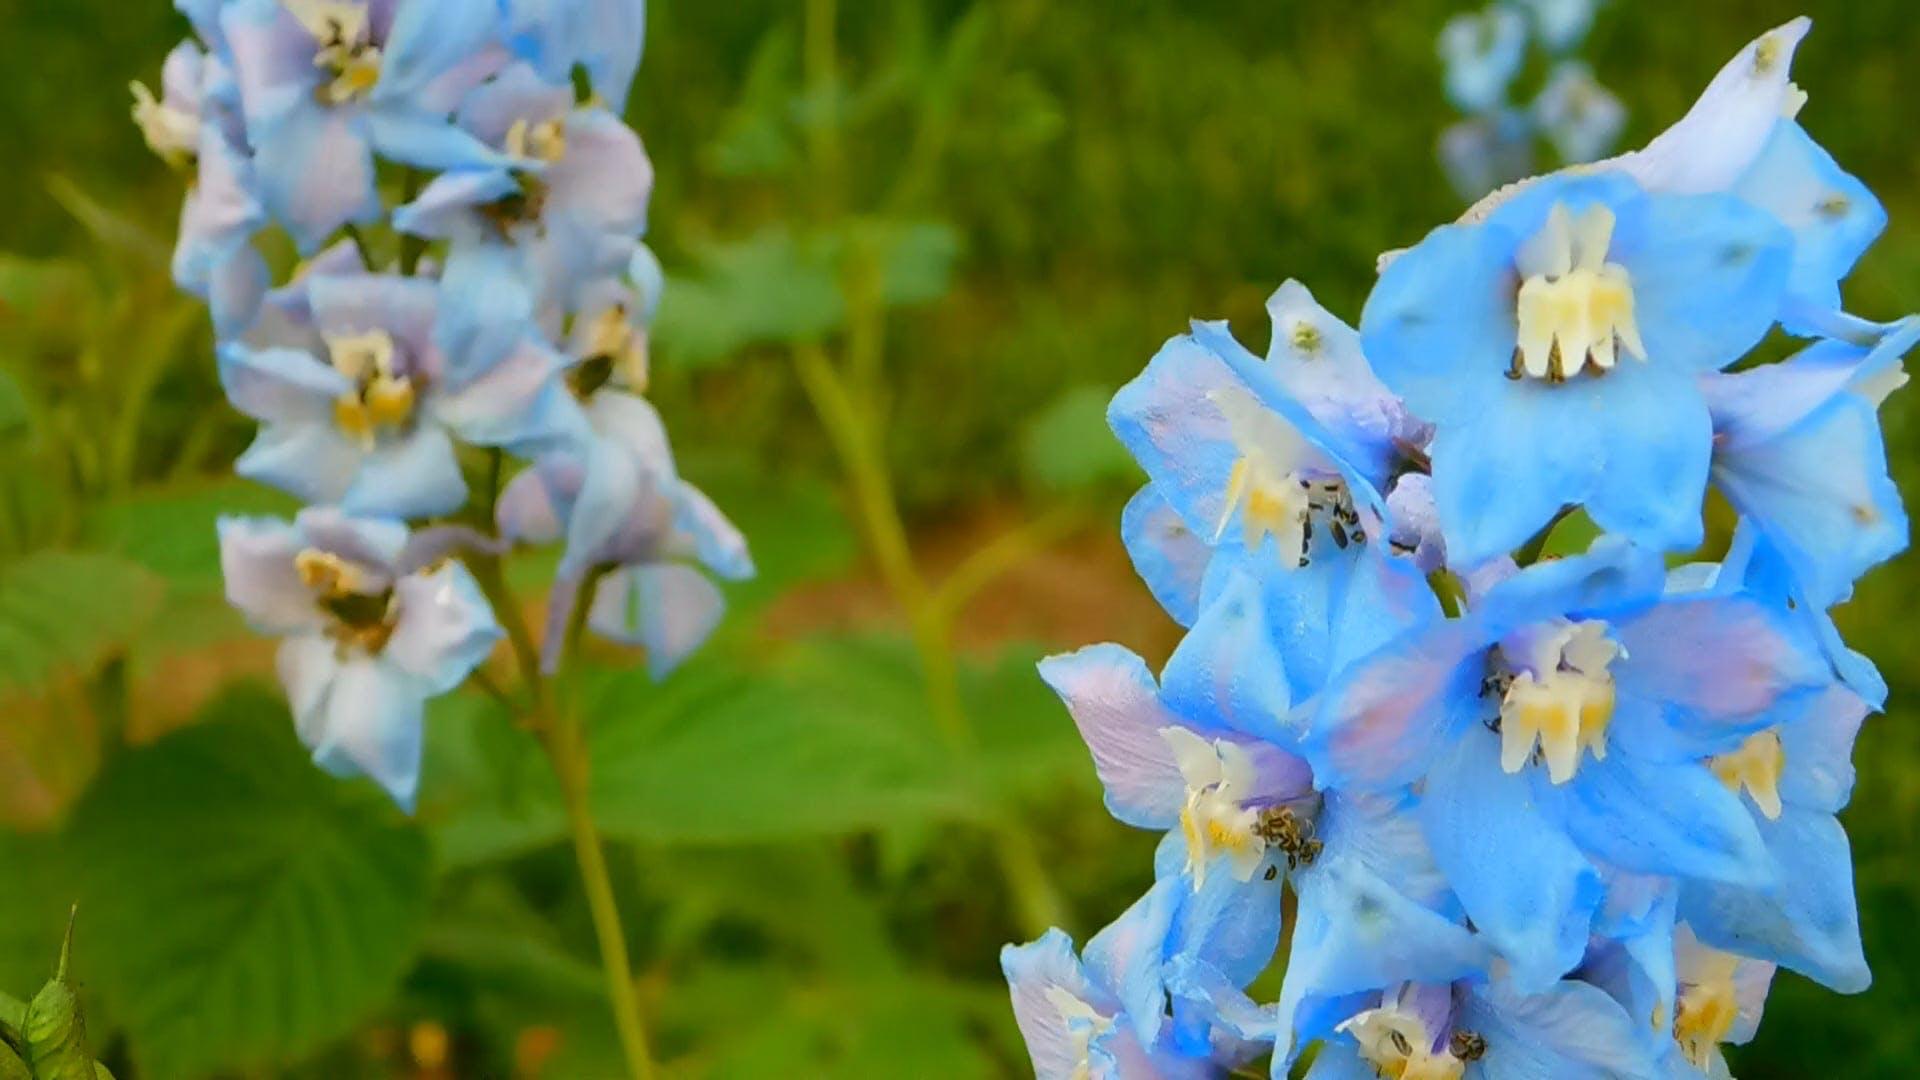 Unique Blue Flowers